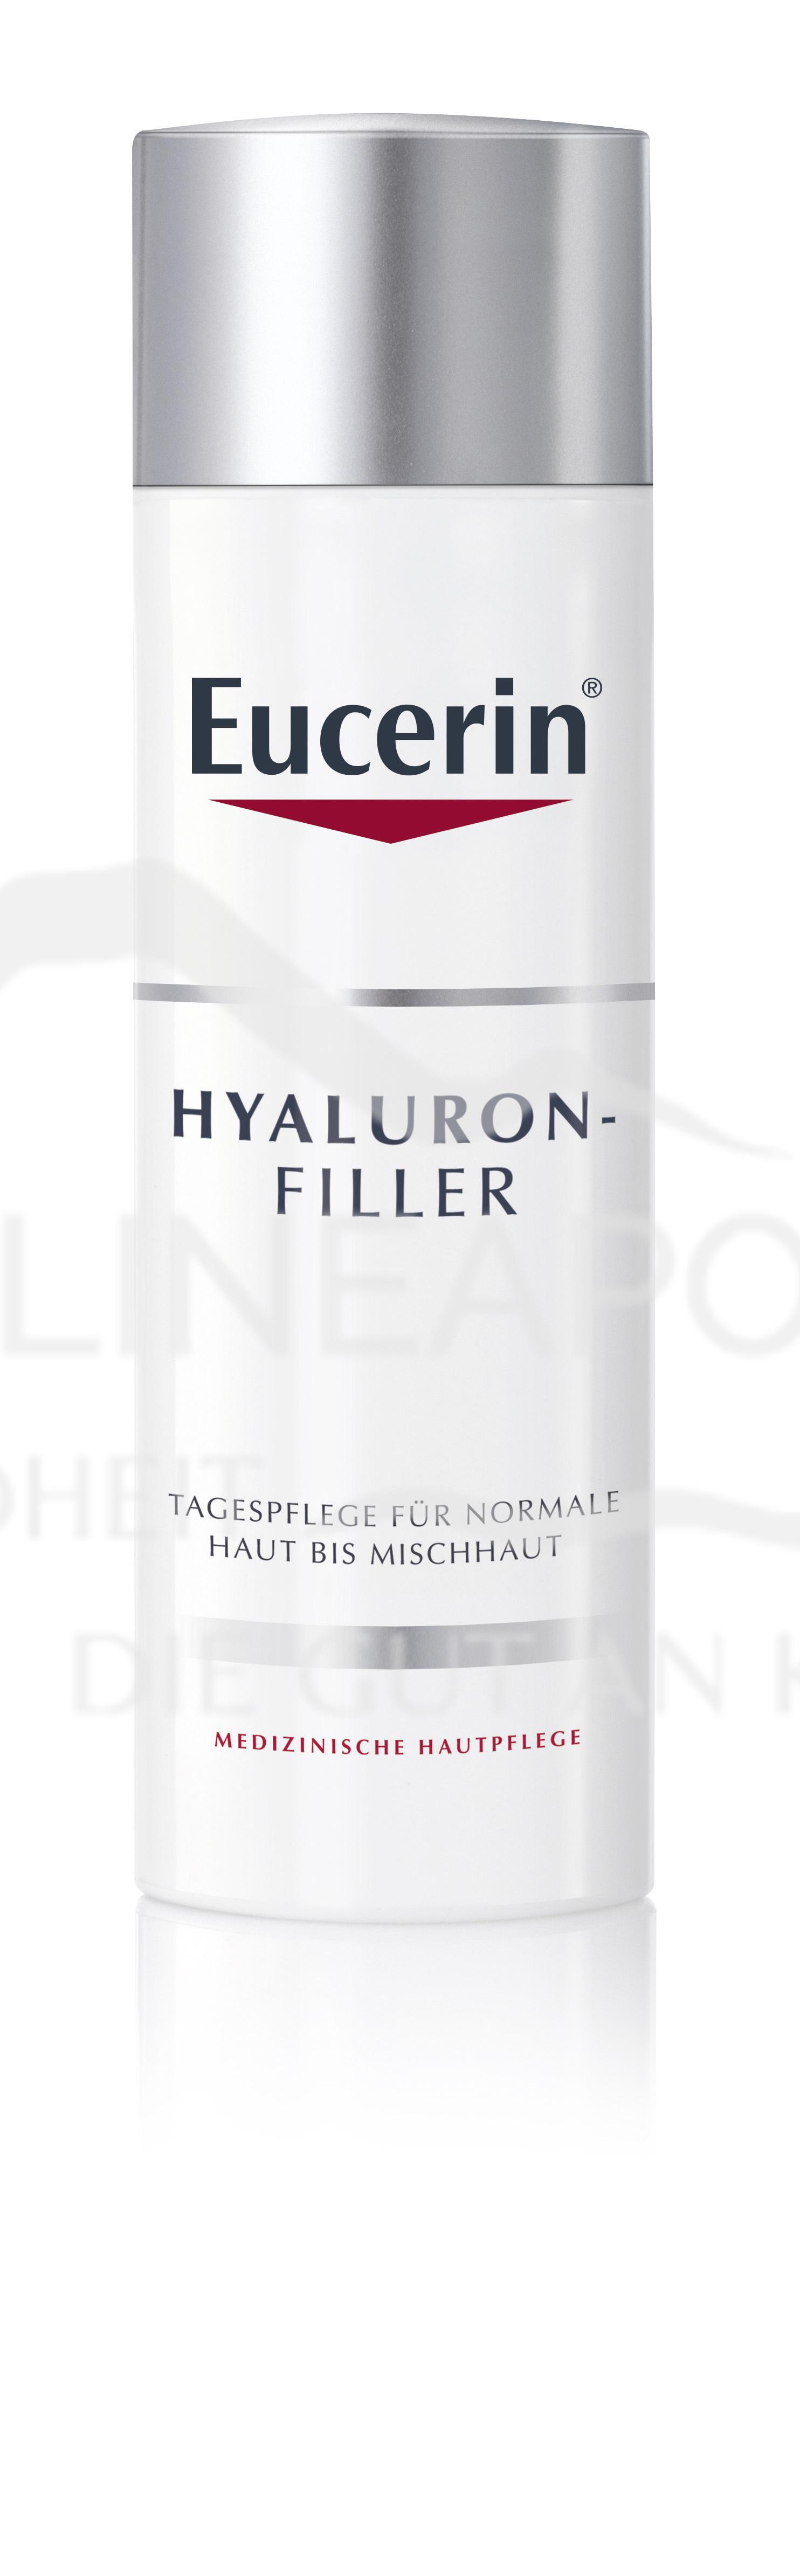 Eucerin HYALURON-FILLER TAGESPFLEGE für normale bis Mischhaut